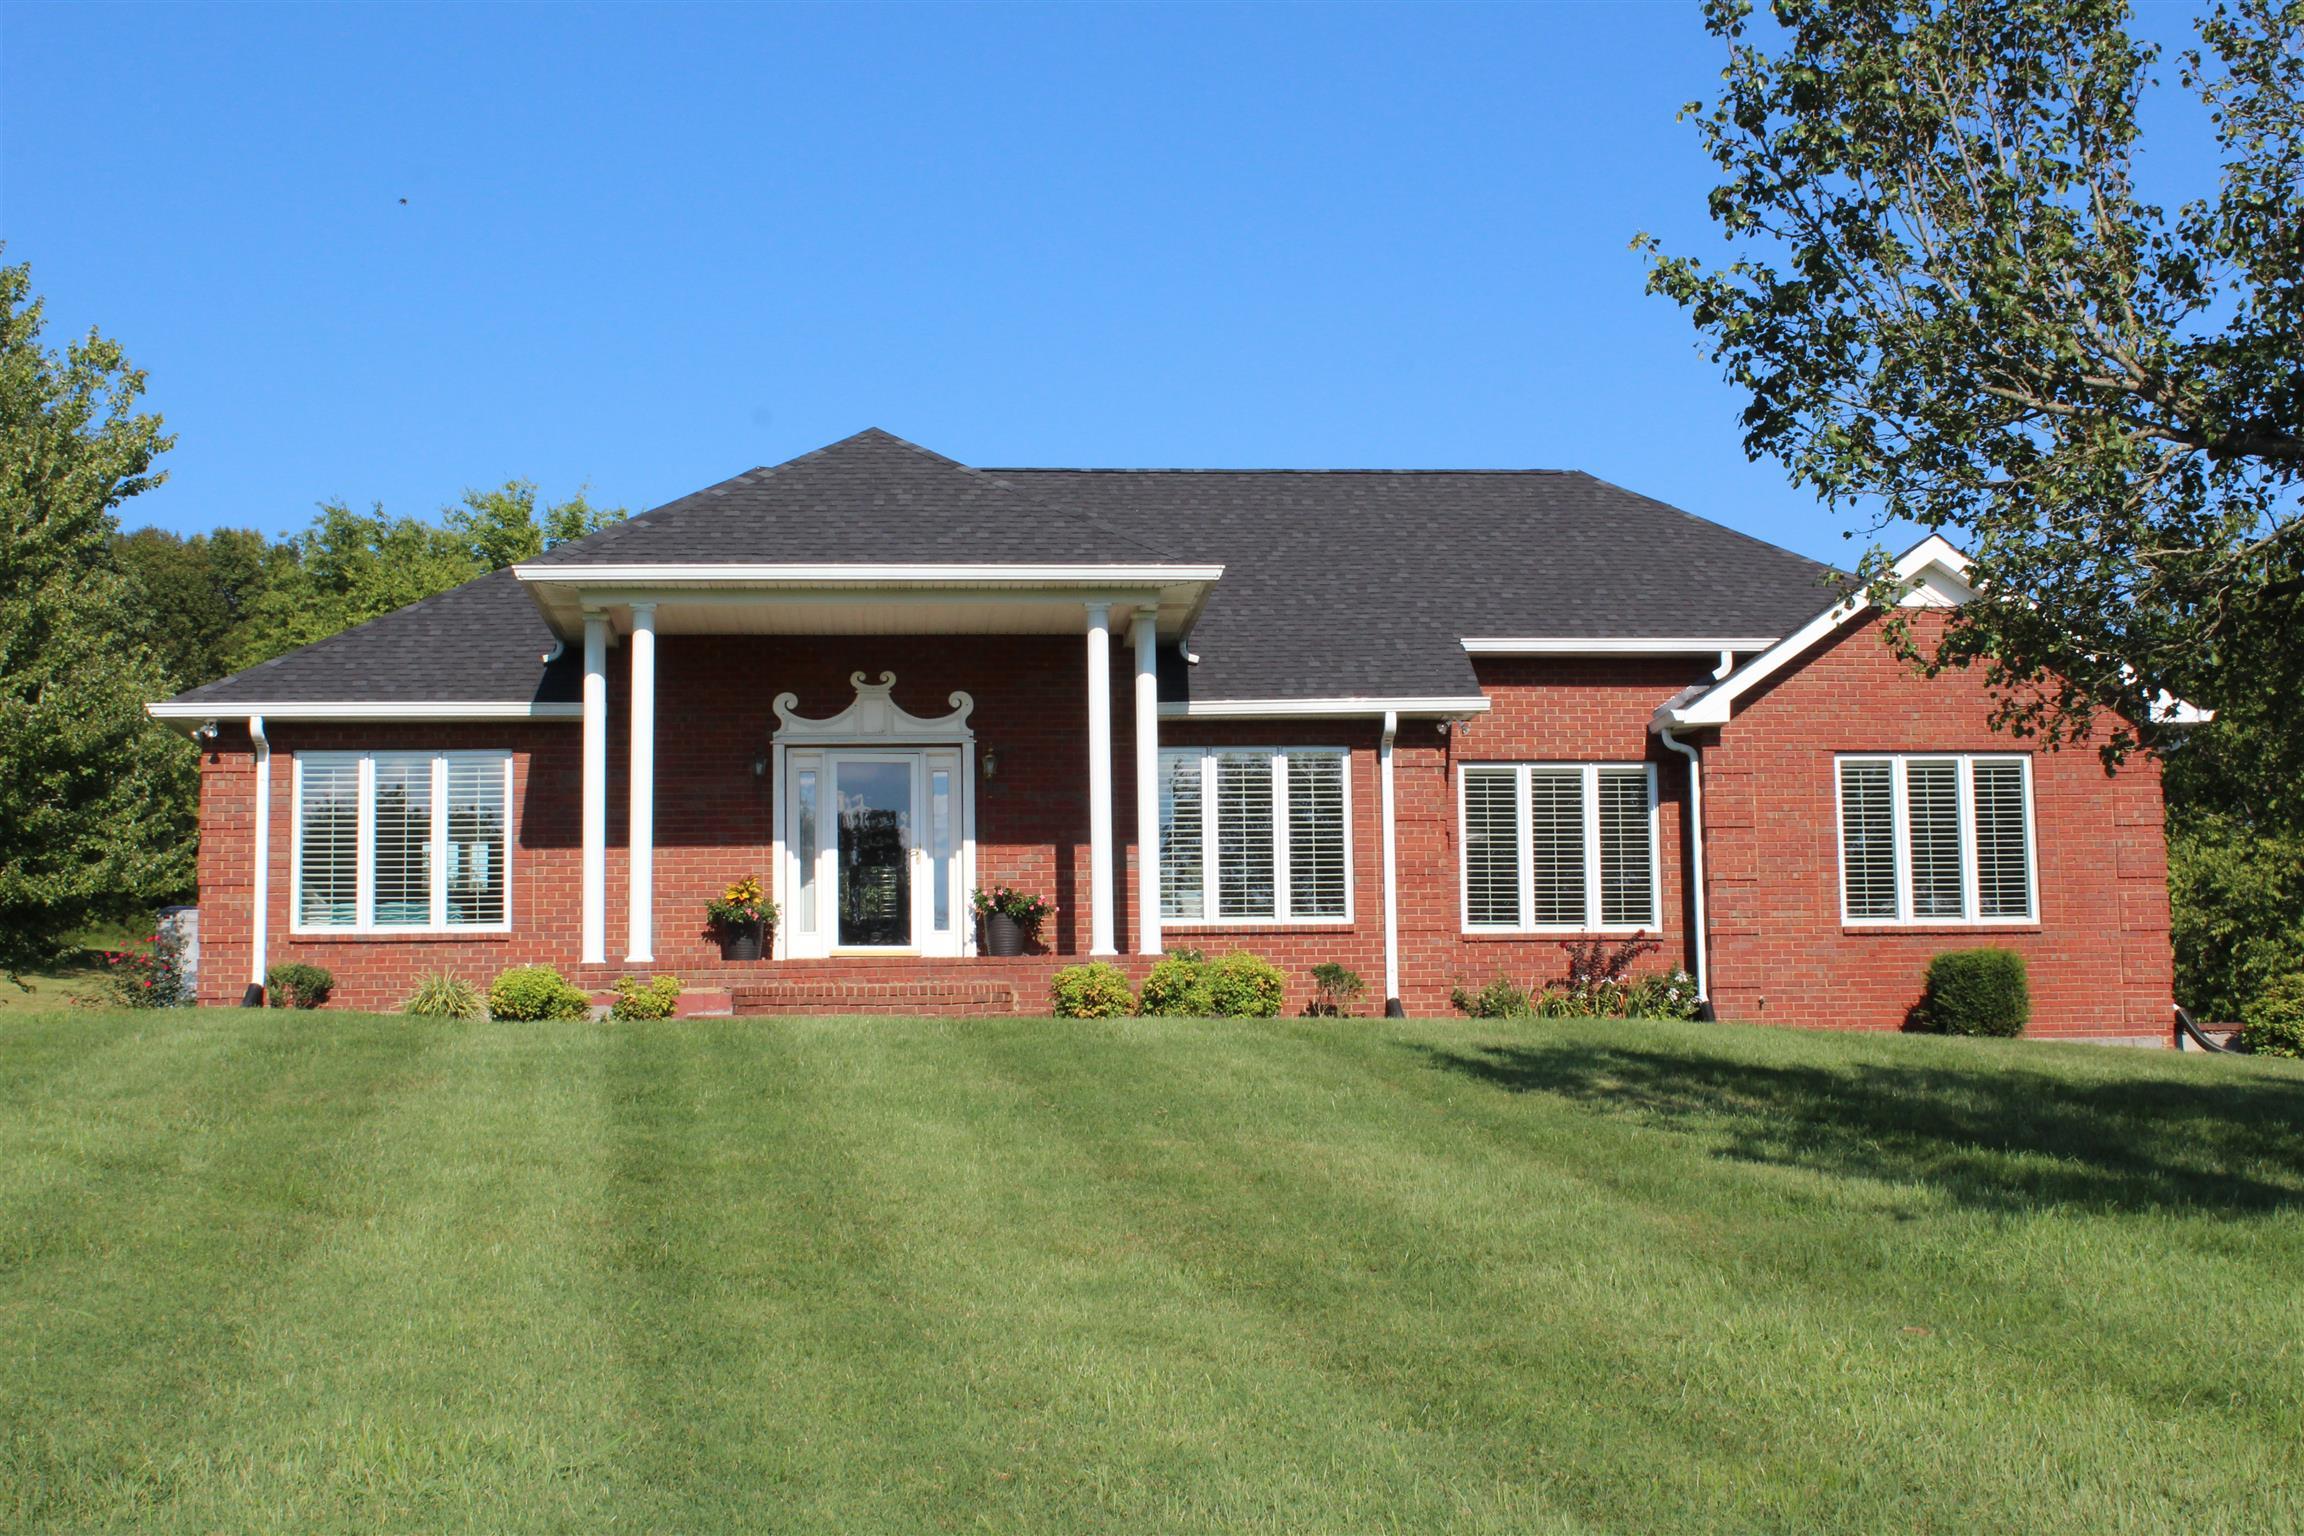 155 Badgett Ln, Hartsville, TN 37074 - Hartsville, TN real estate listing